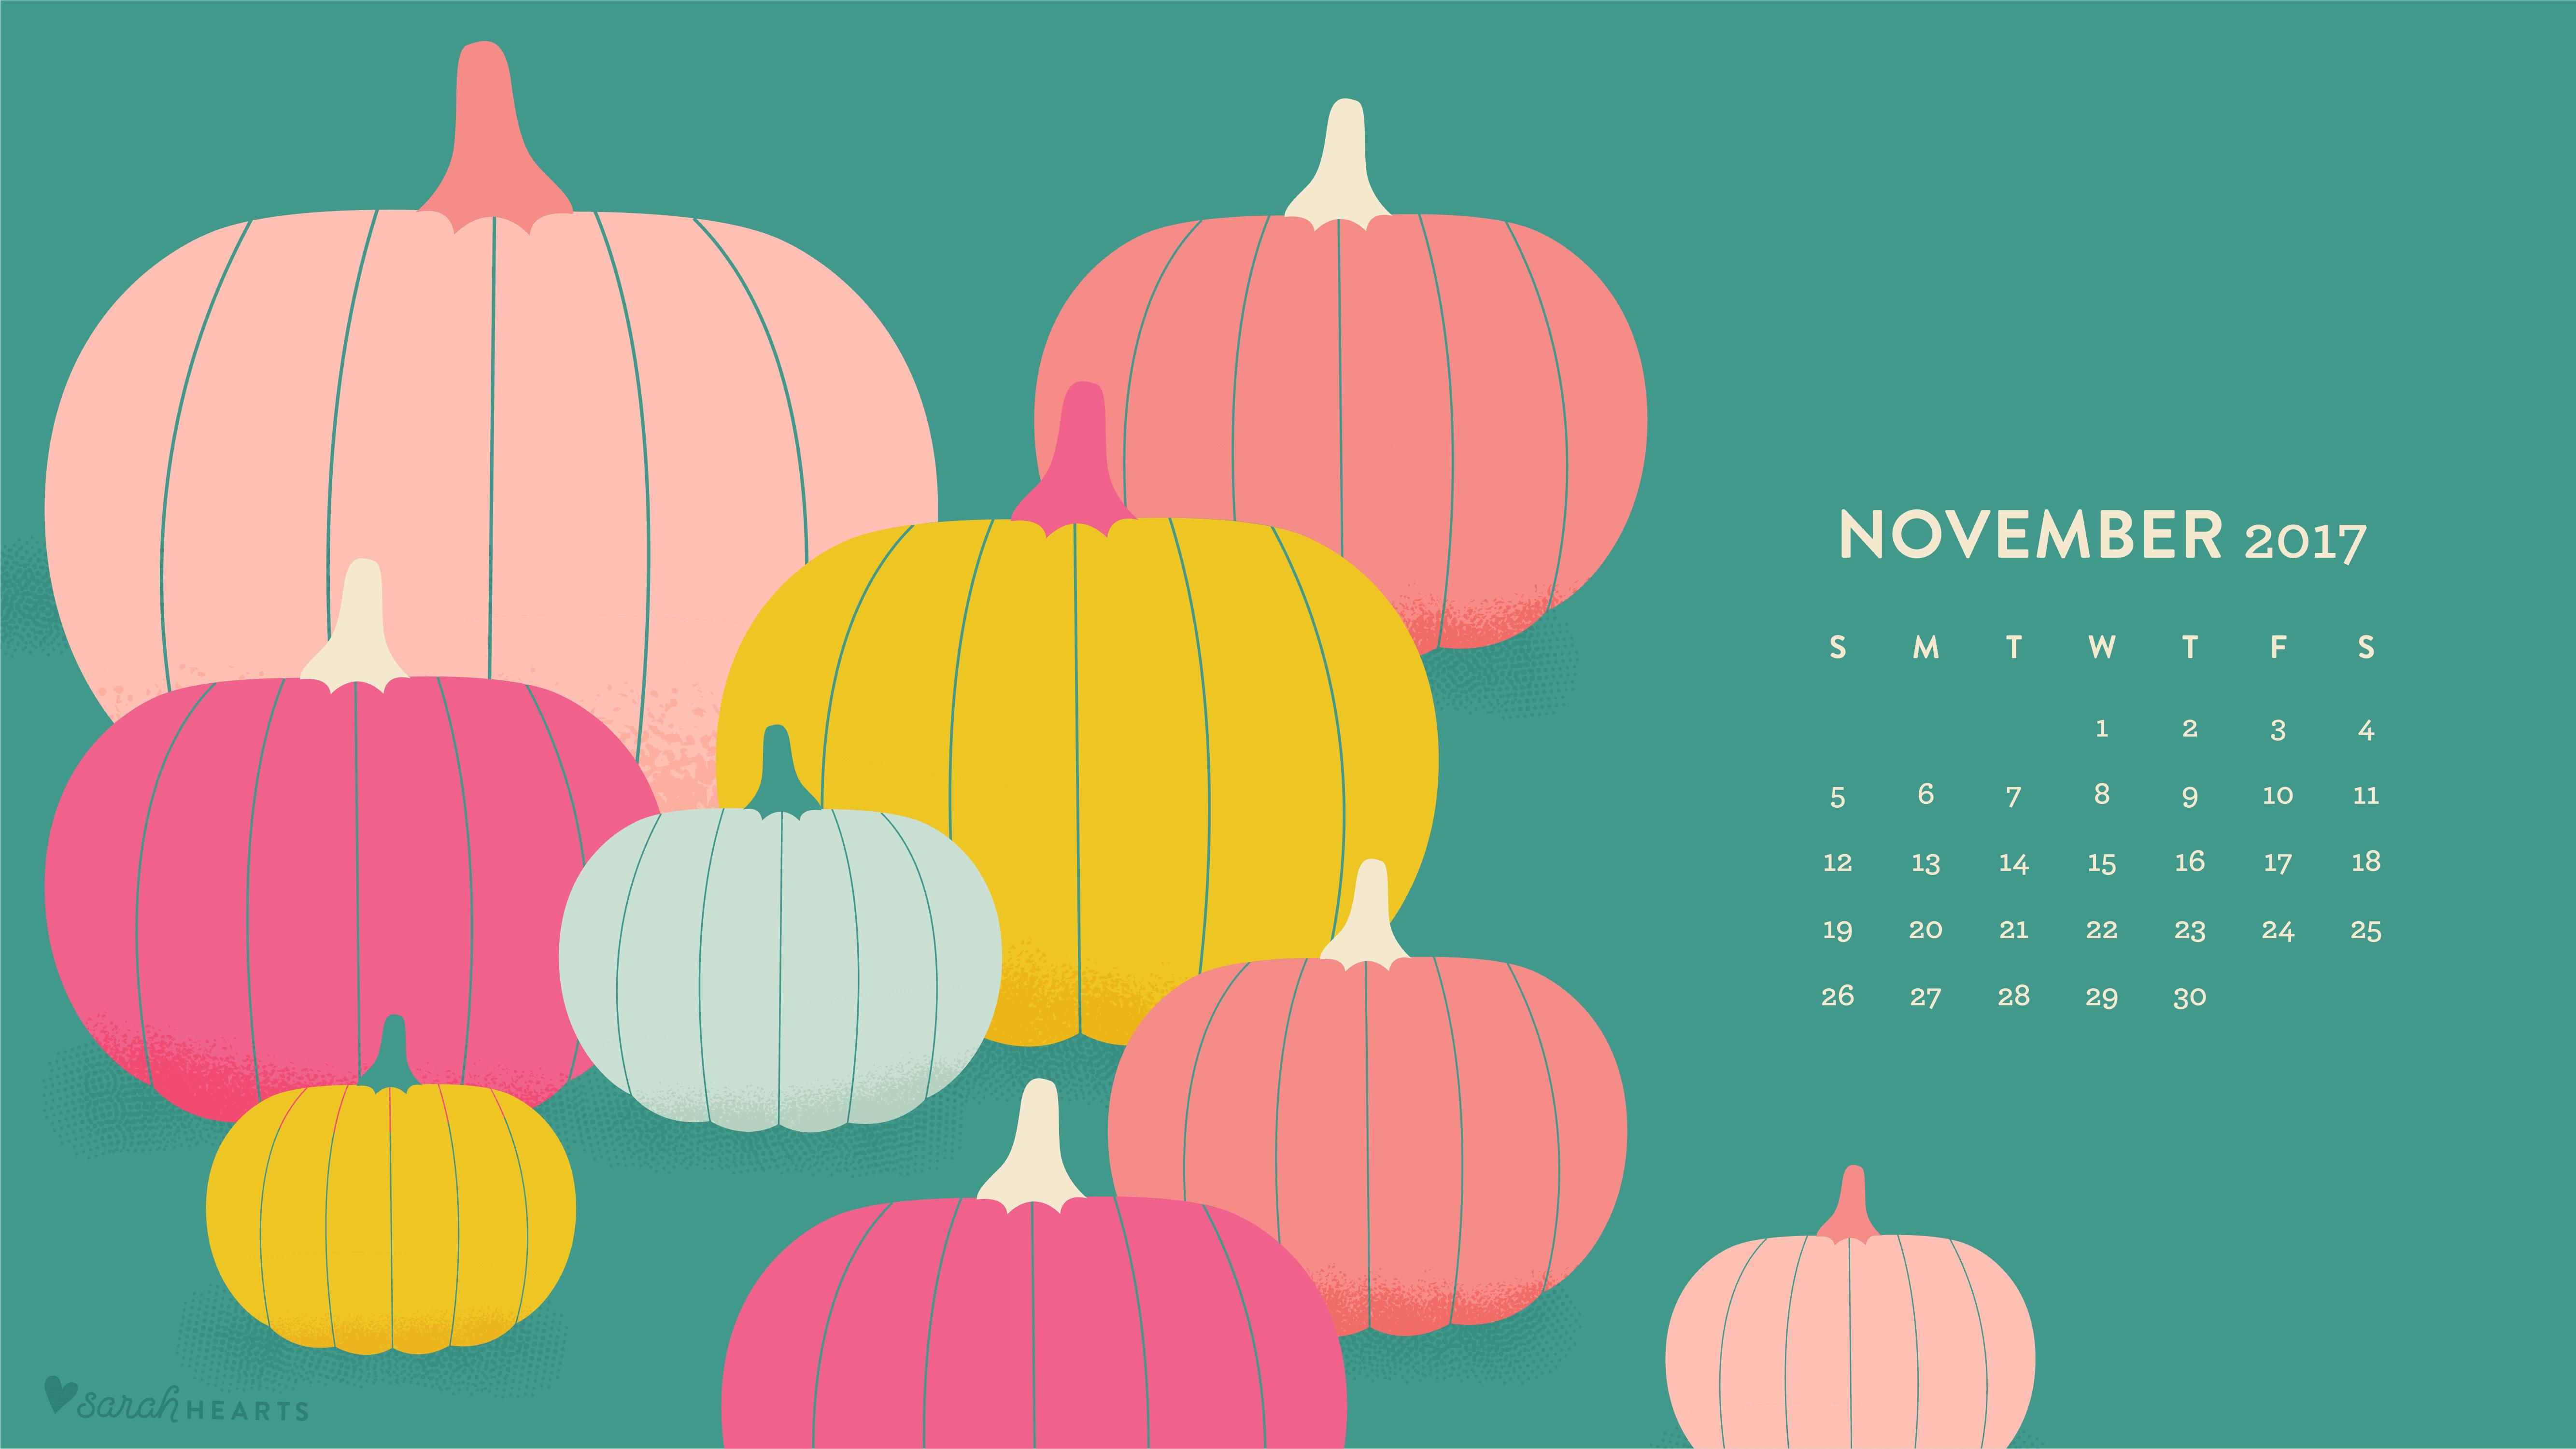 Fall Thanksgiving Desktop Wallpaper November 2017 Pumpkin Calendar Wallpaper Sarah Hearts